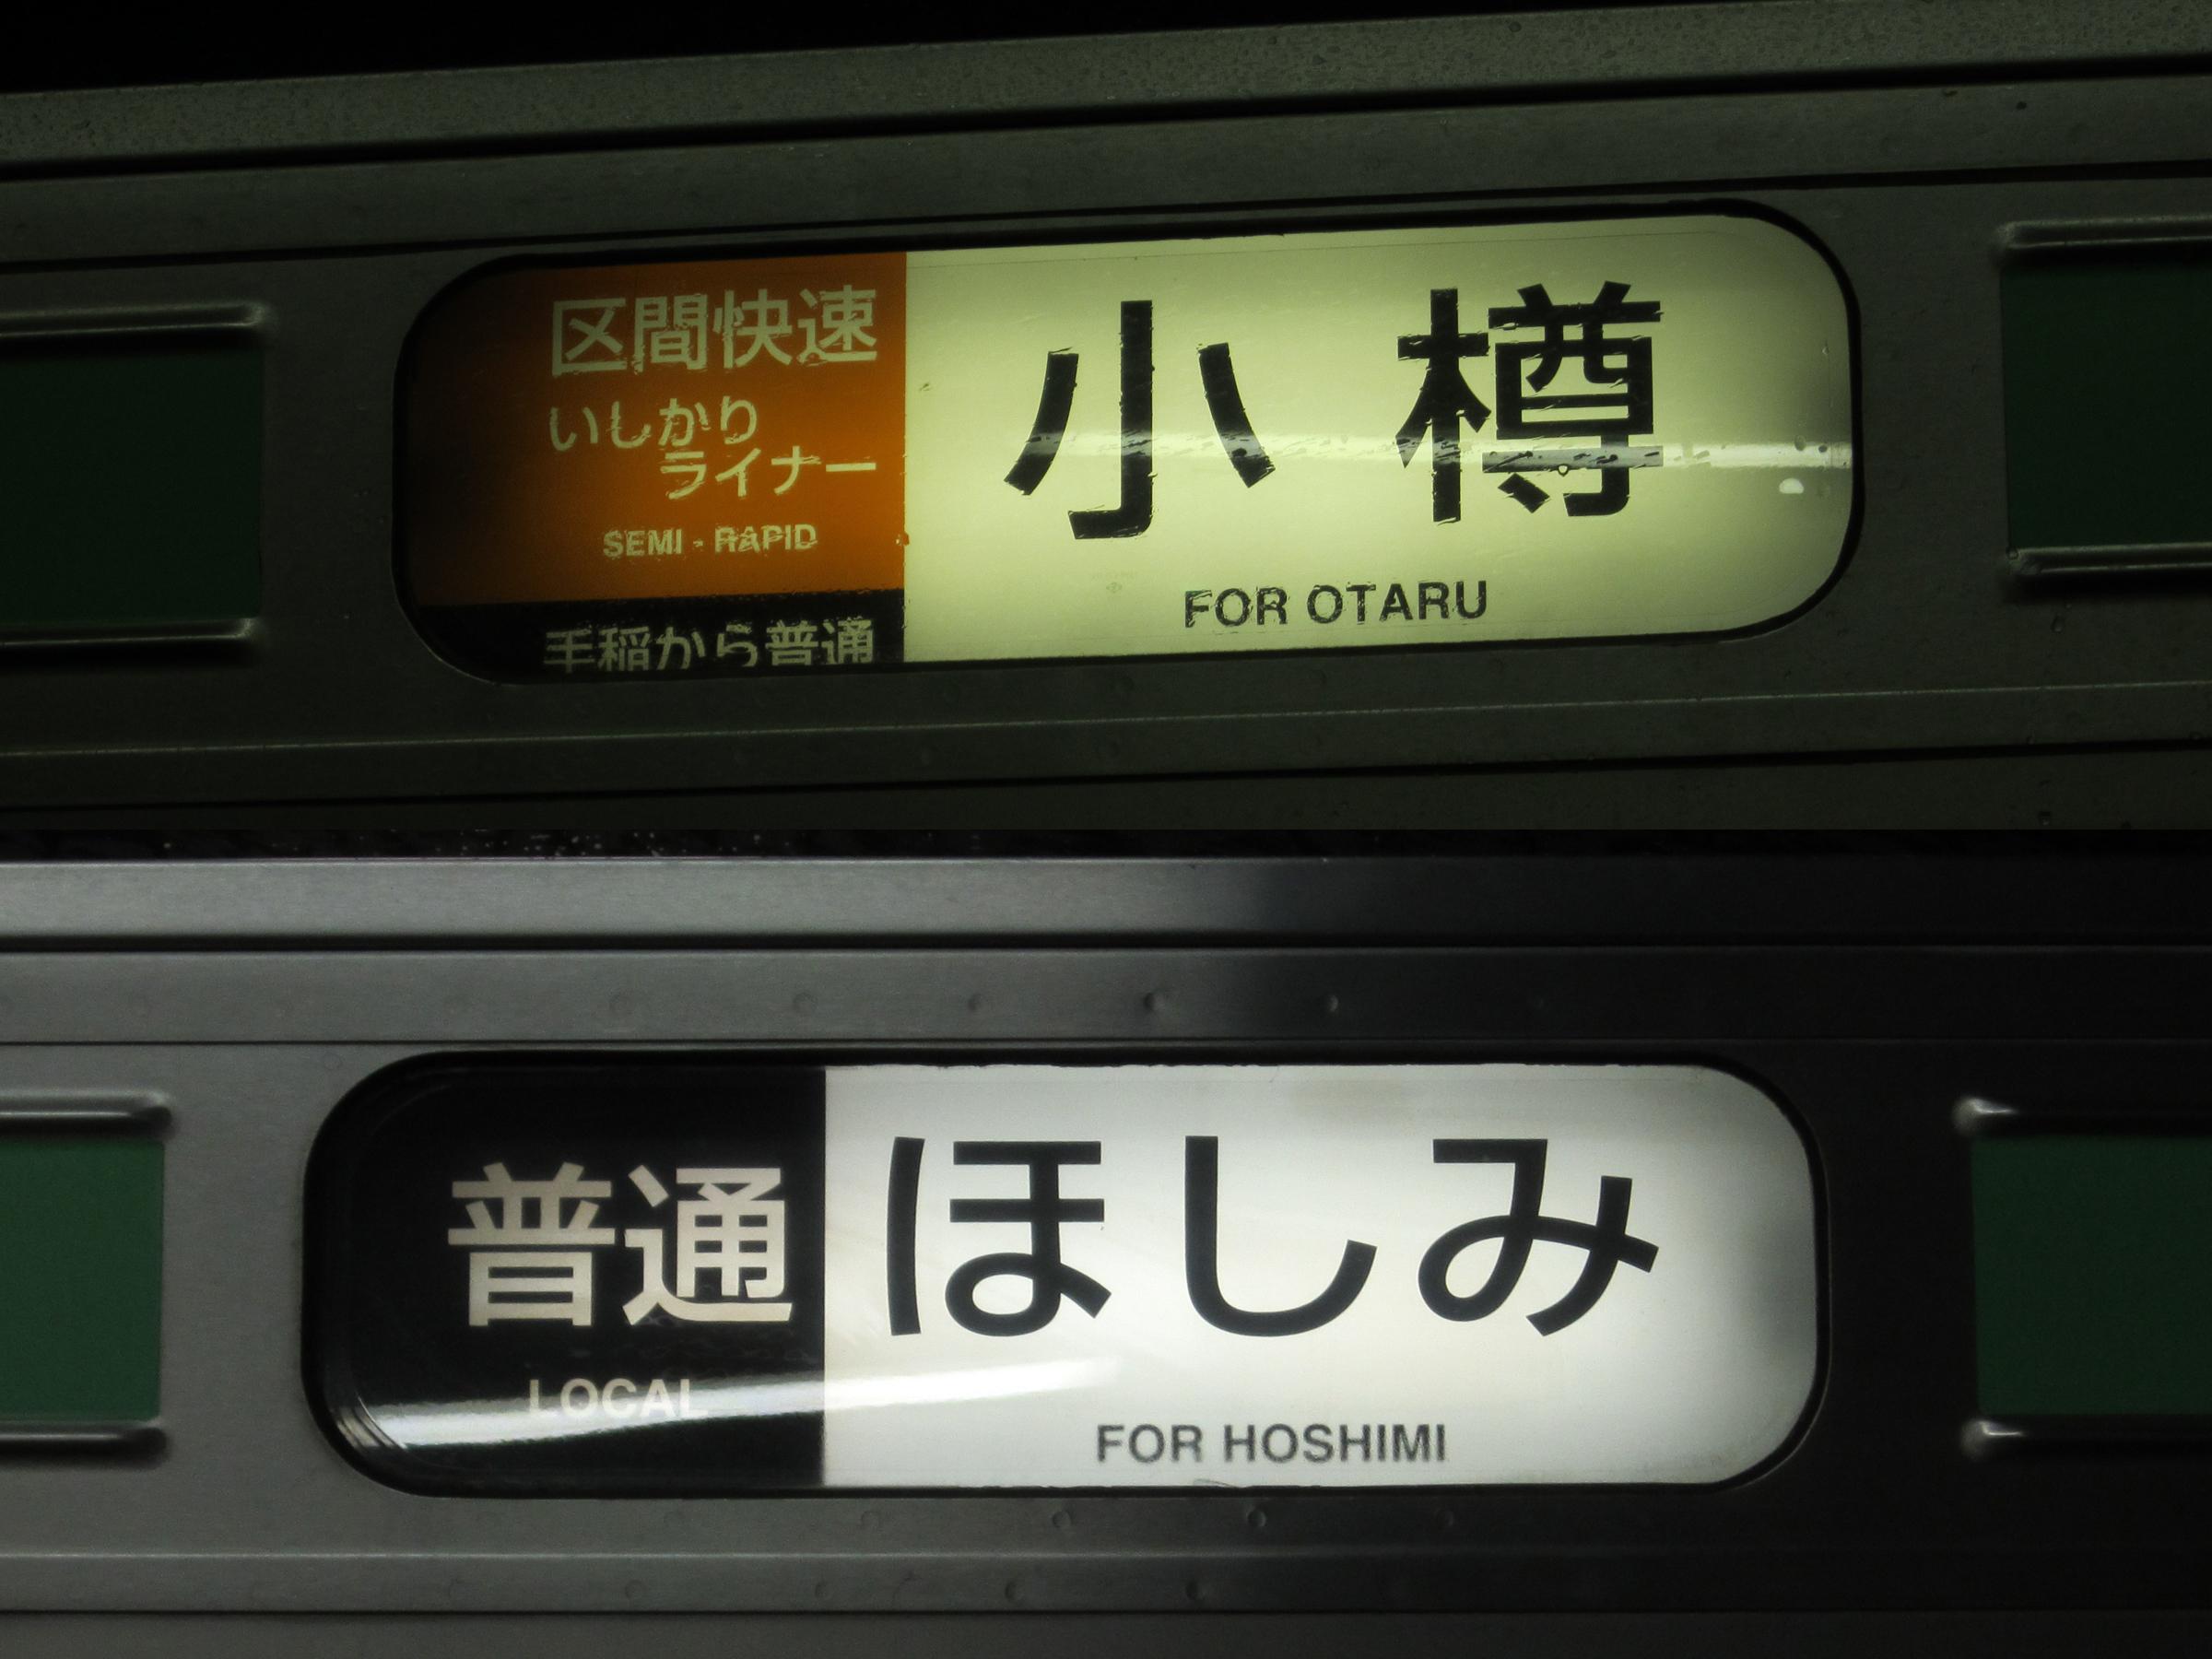 https://upload.wikimedia.org/wikipedia/commons/d/dc/JR_Hokkaido_721_Rollsign.jpg